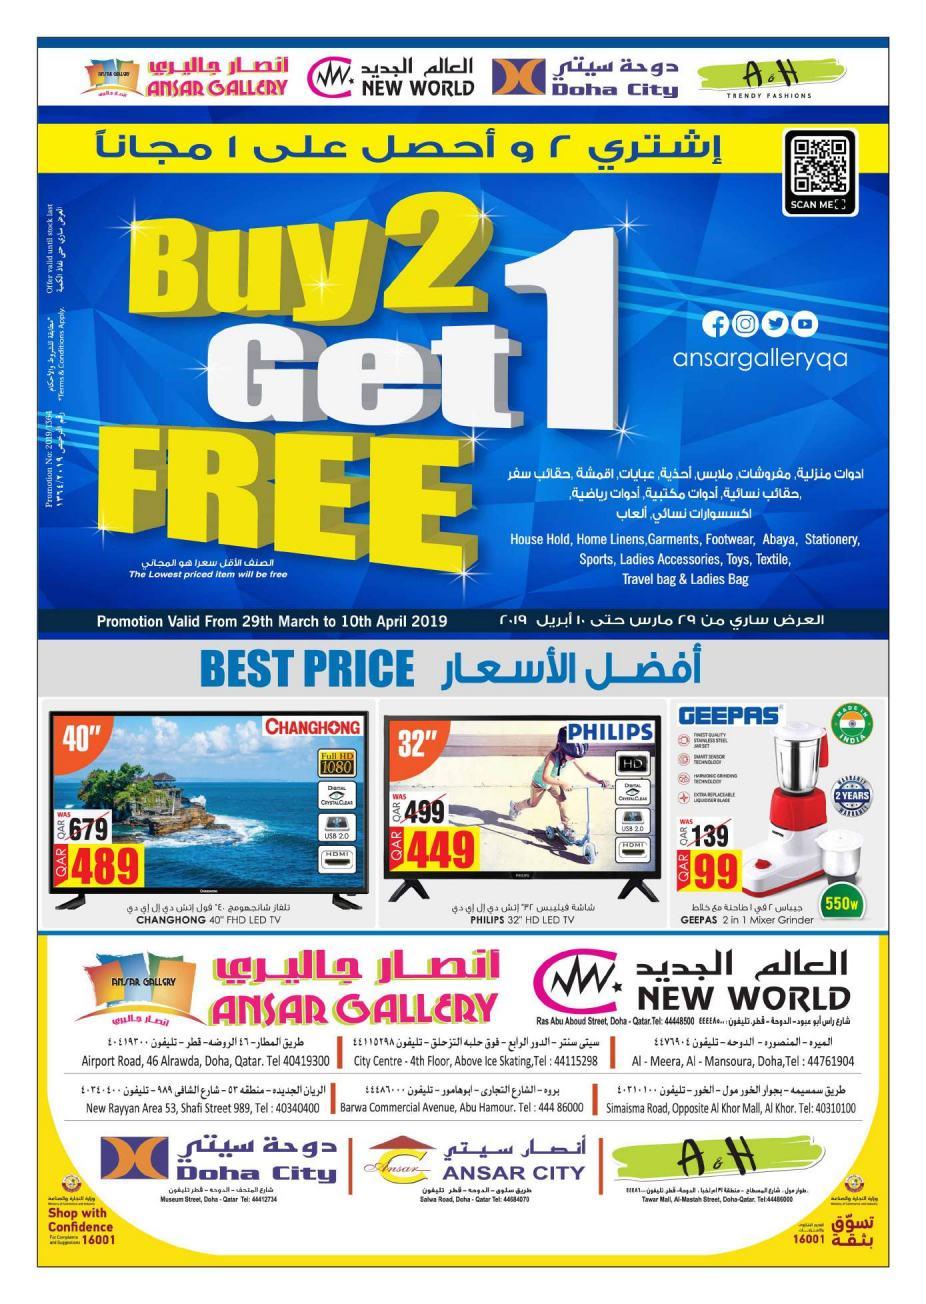 Ansar Gallery Buy2 Get1 Free till 10-04